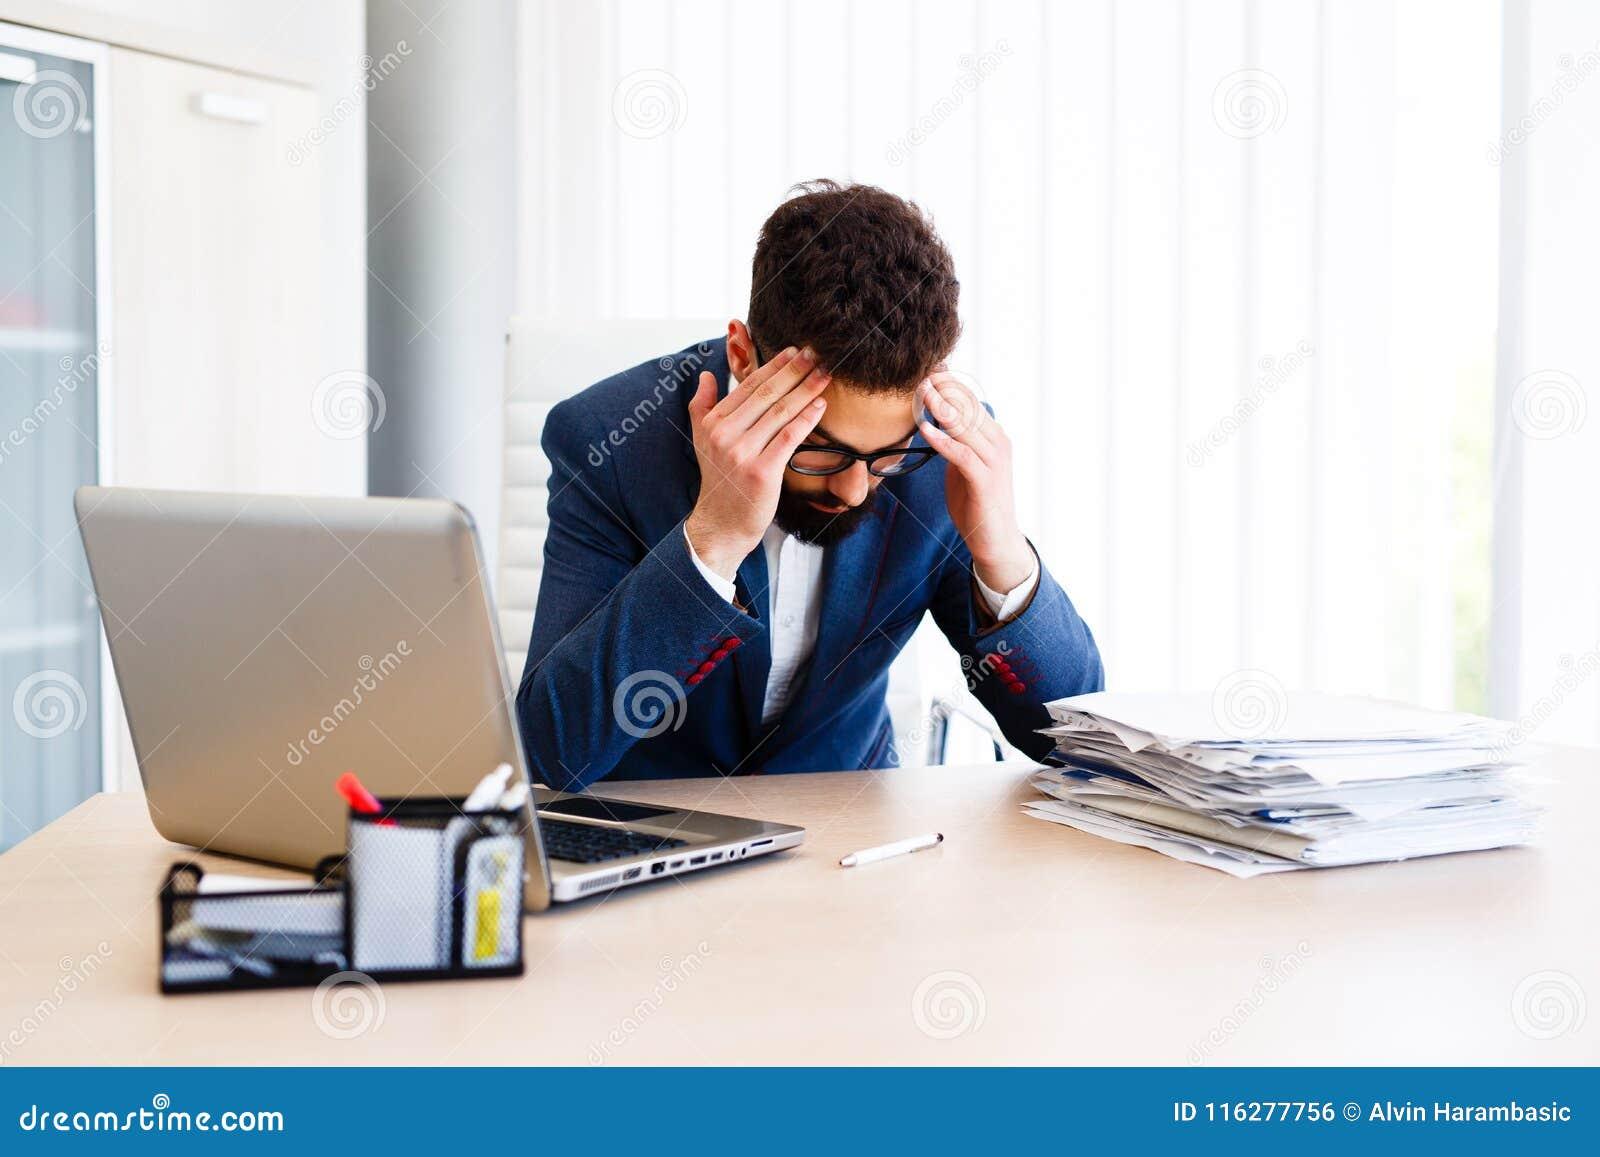 Молодой красивый бизнесмен имеет головную боль